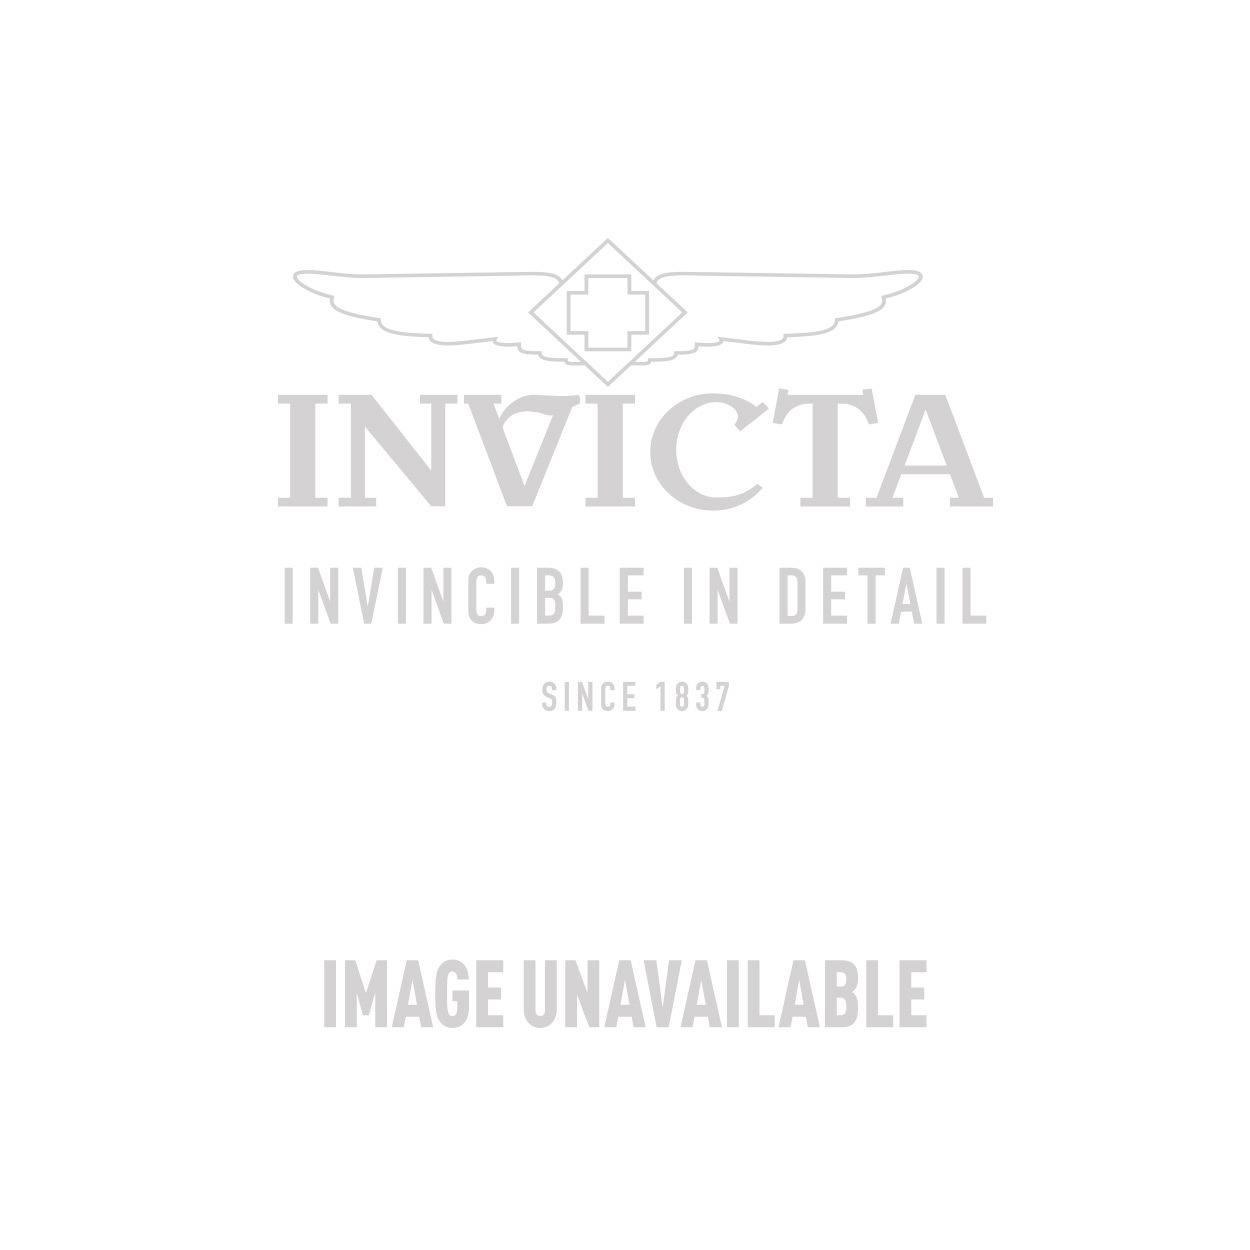 Invicta Model 29166